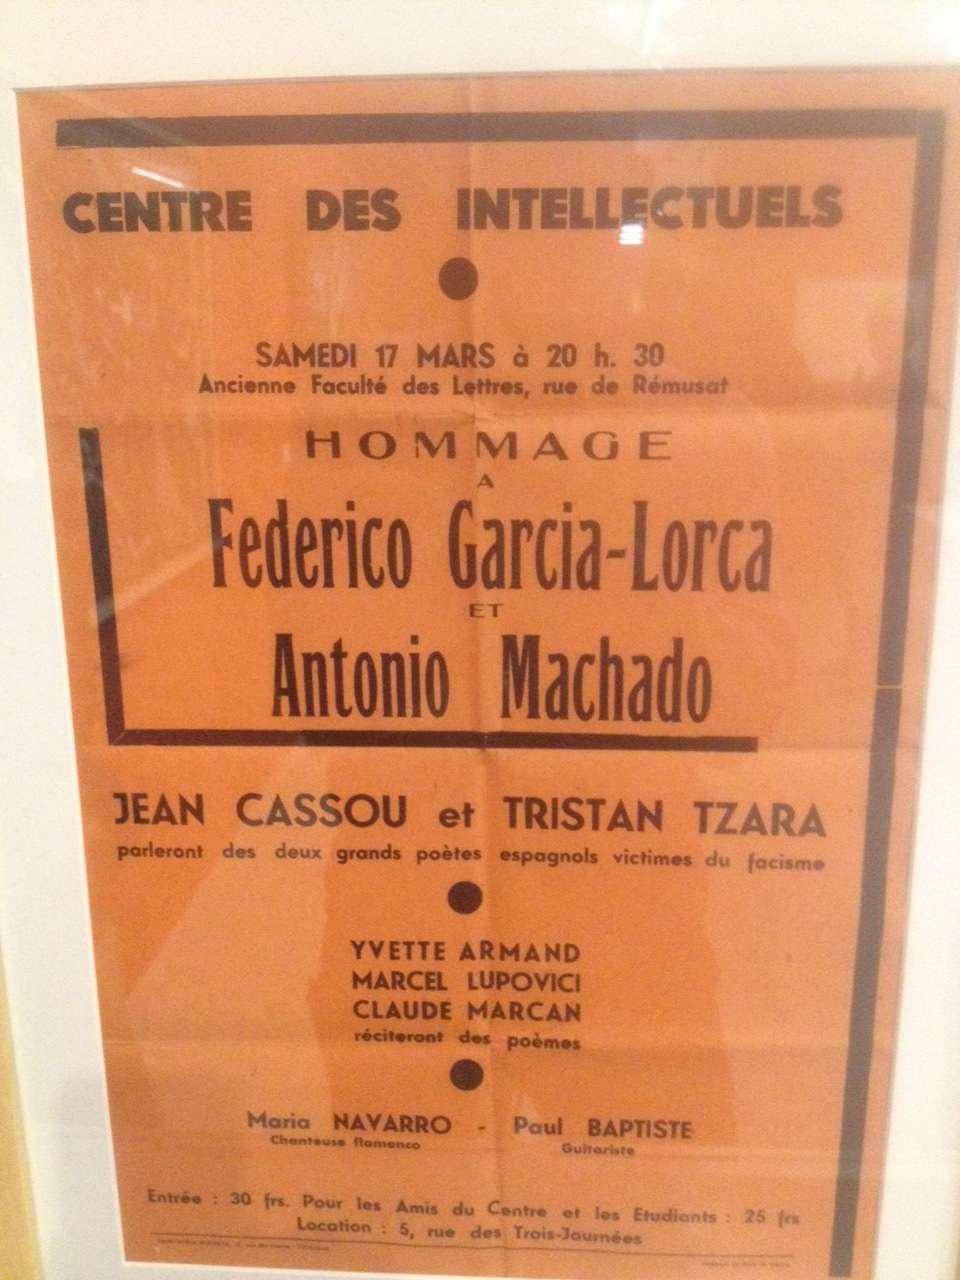 Conferintà-omagiu sustinutà de Tristan Tzara în memoria amicului sàu Federico Garcia Lorca ucis pe frontul ràzboiului civil spaniol